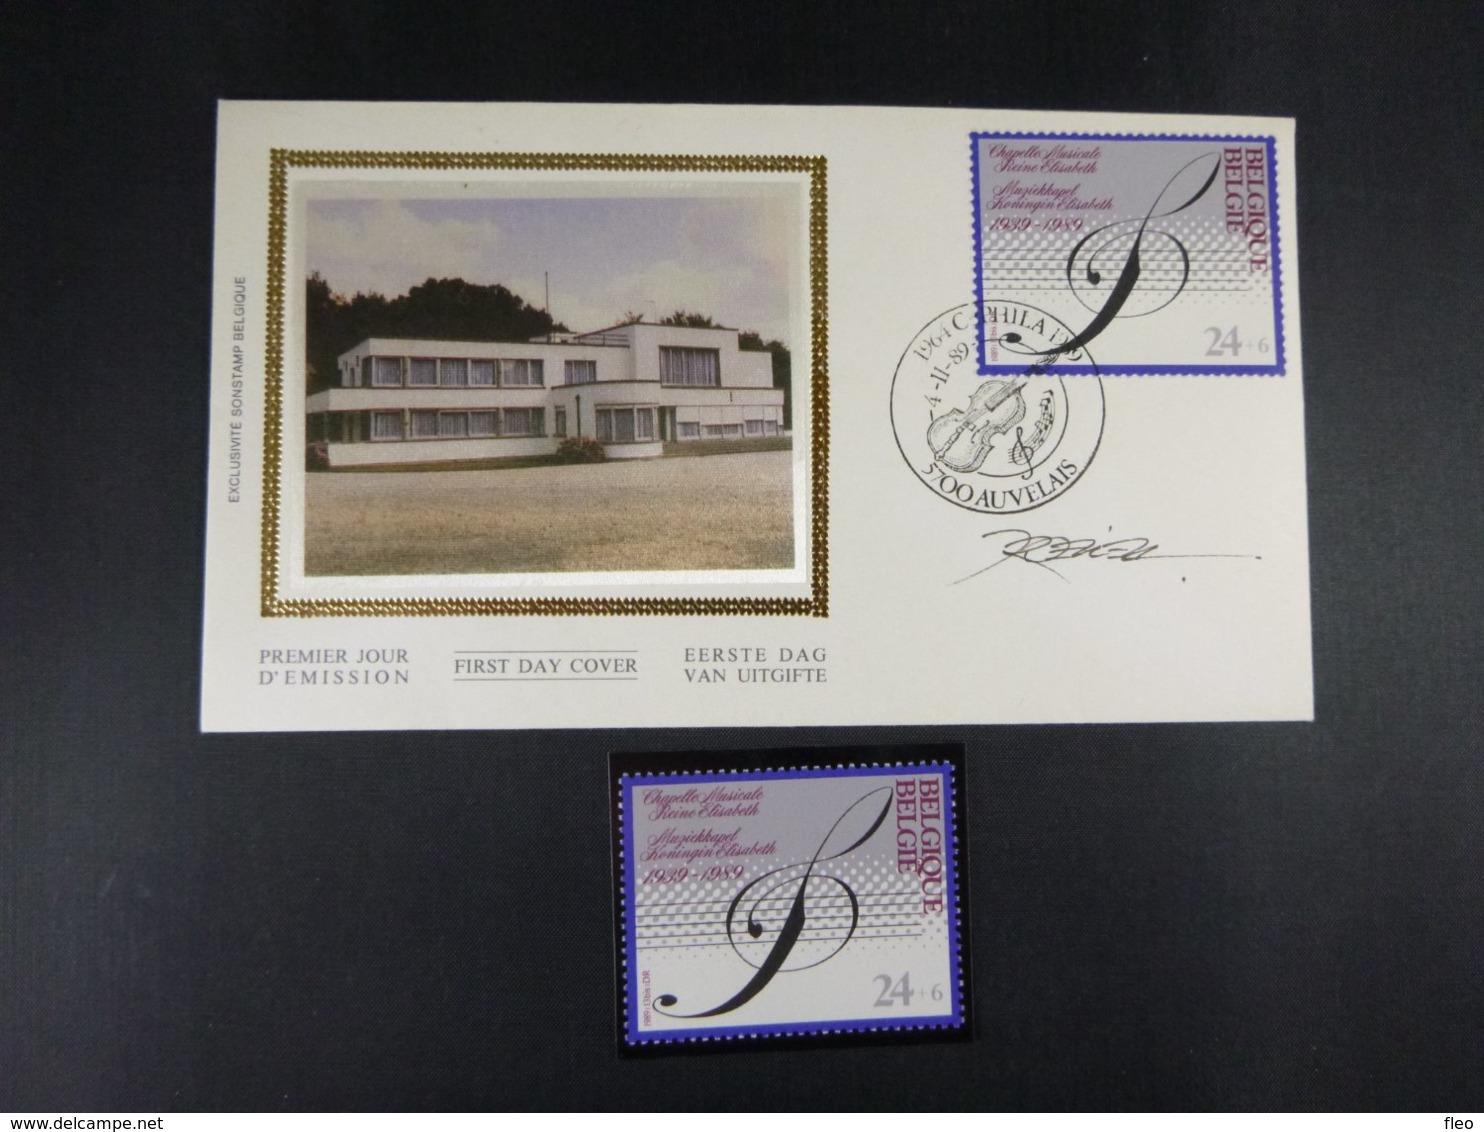 BELG.1989 2344 FDC Soie/zijde (Auvelais) & Signature Désiré Roegiest & 2344** : Muziekkapel/chapelle Musicale Elisabeth - FDC